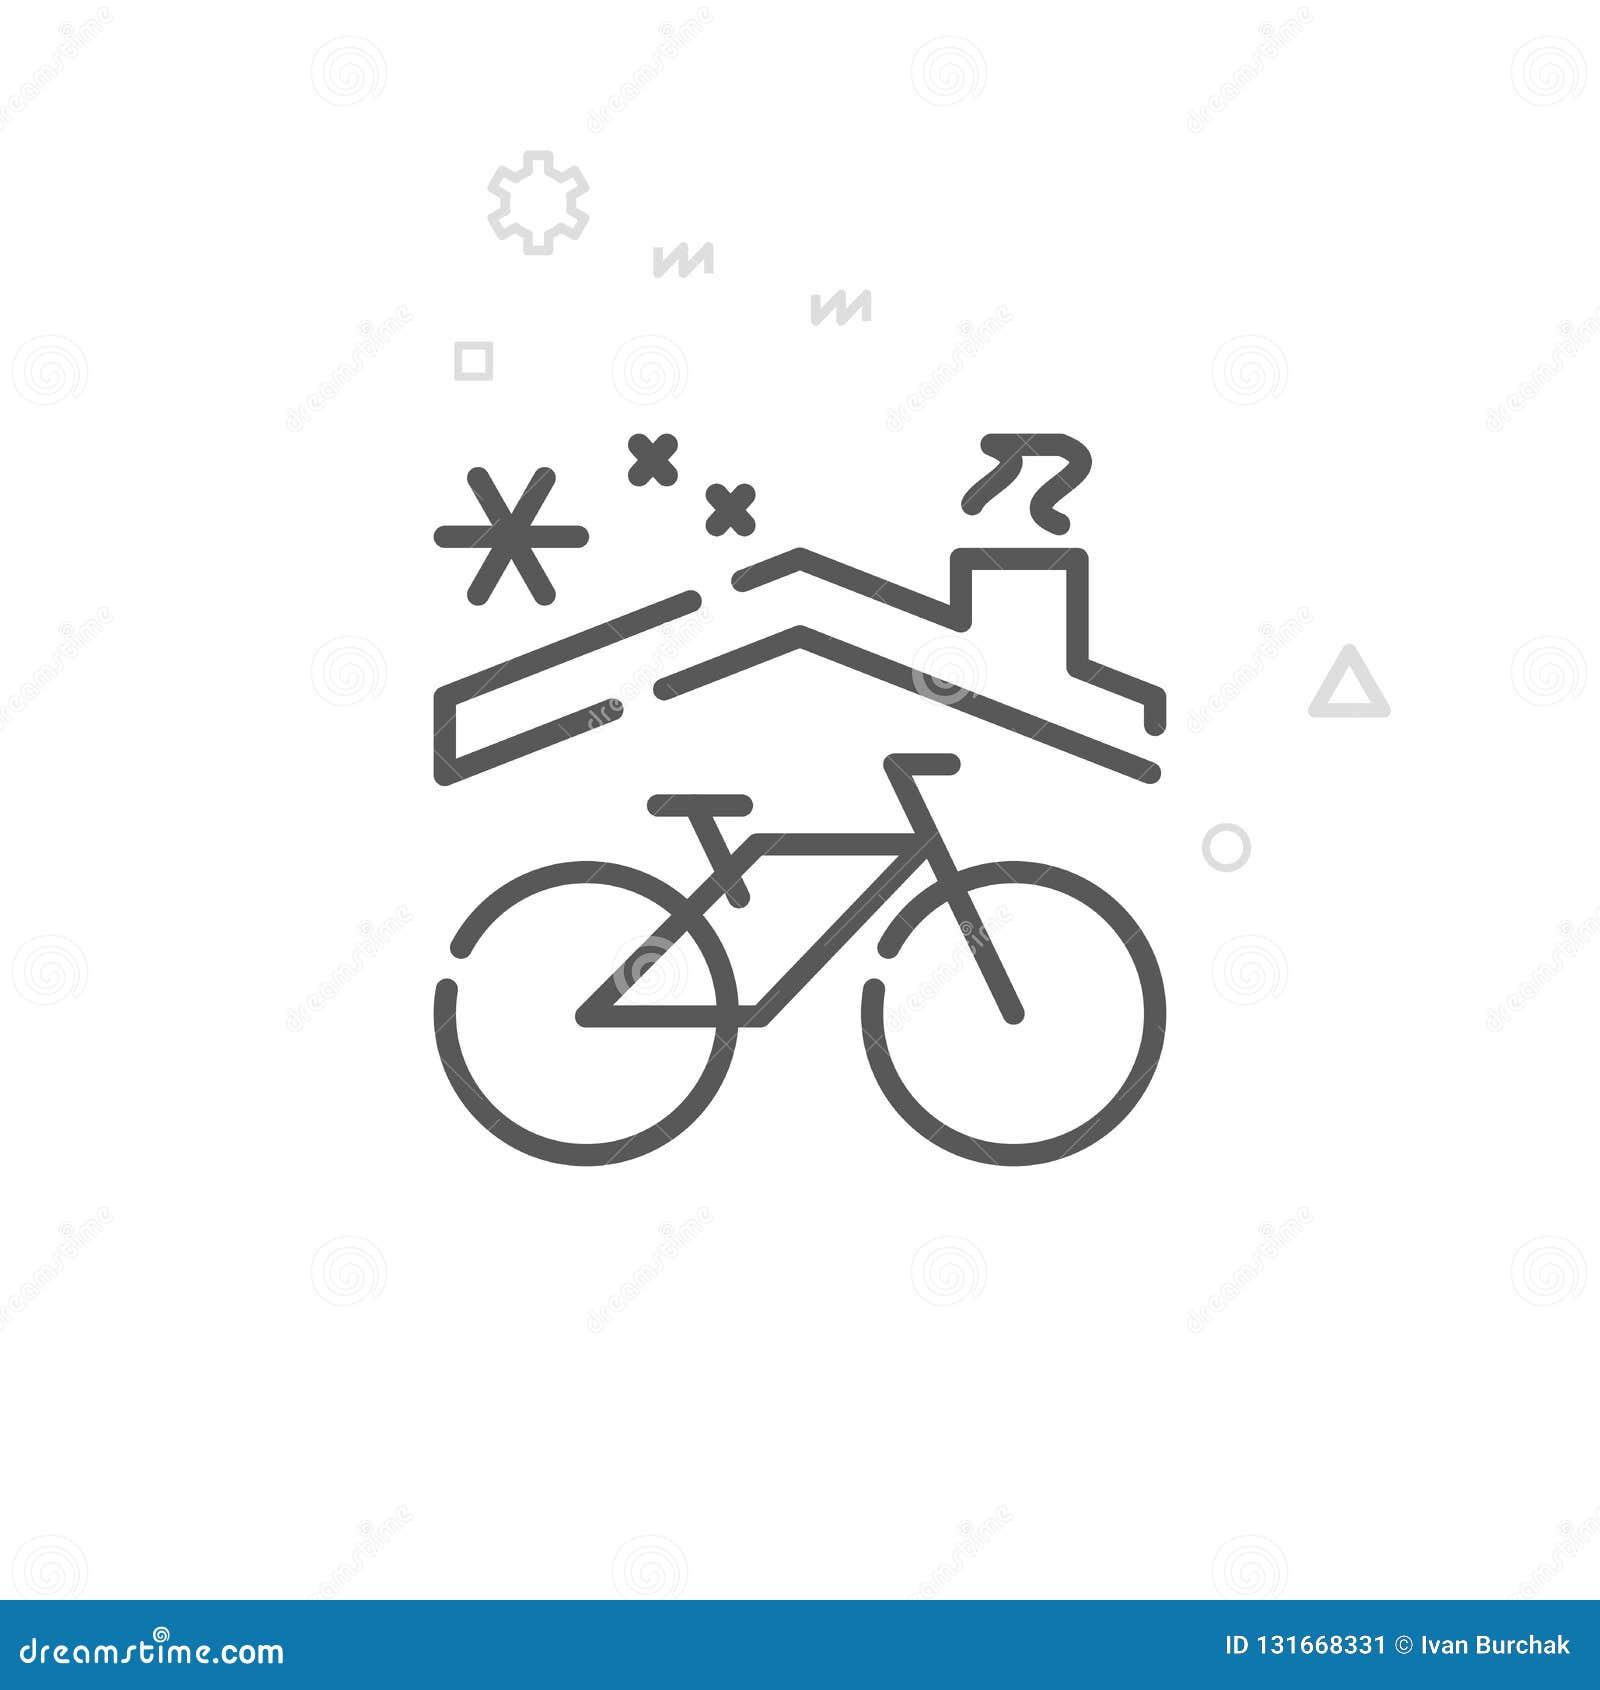 Linje symbol, symbol, Pictogram, tecken för vektor för cykelvinterlagring Ljus abstrakt geometrisk bakgrund Redigerbar slaglängd